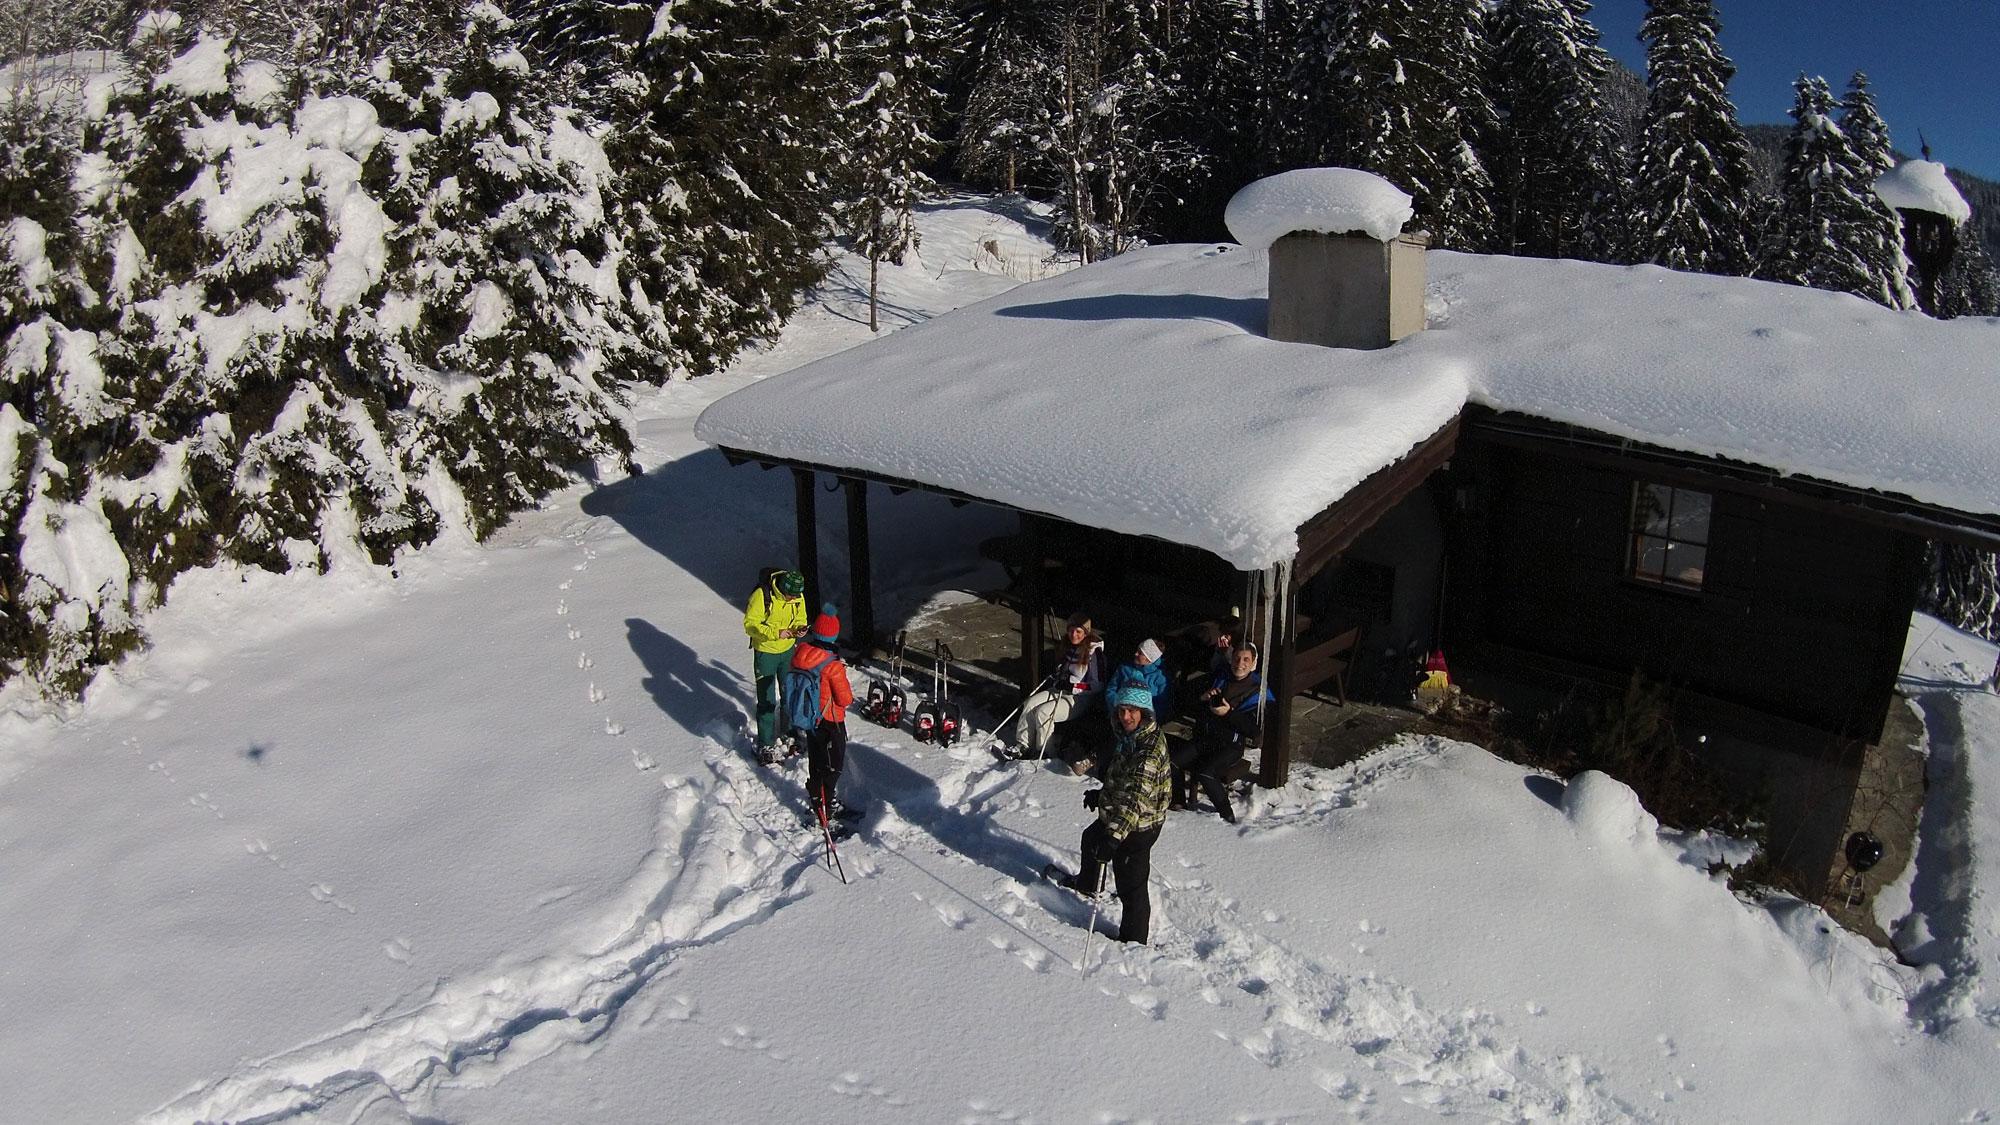 Huettenwanderung lammertal winter laemmerhof 39 s blog for Fischteich im winter